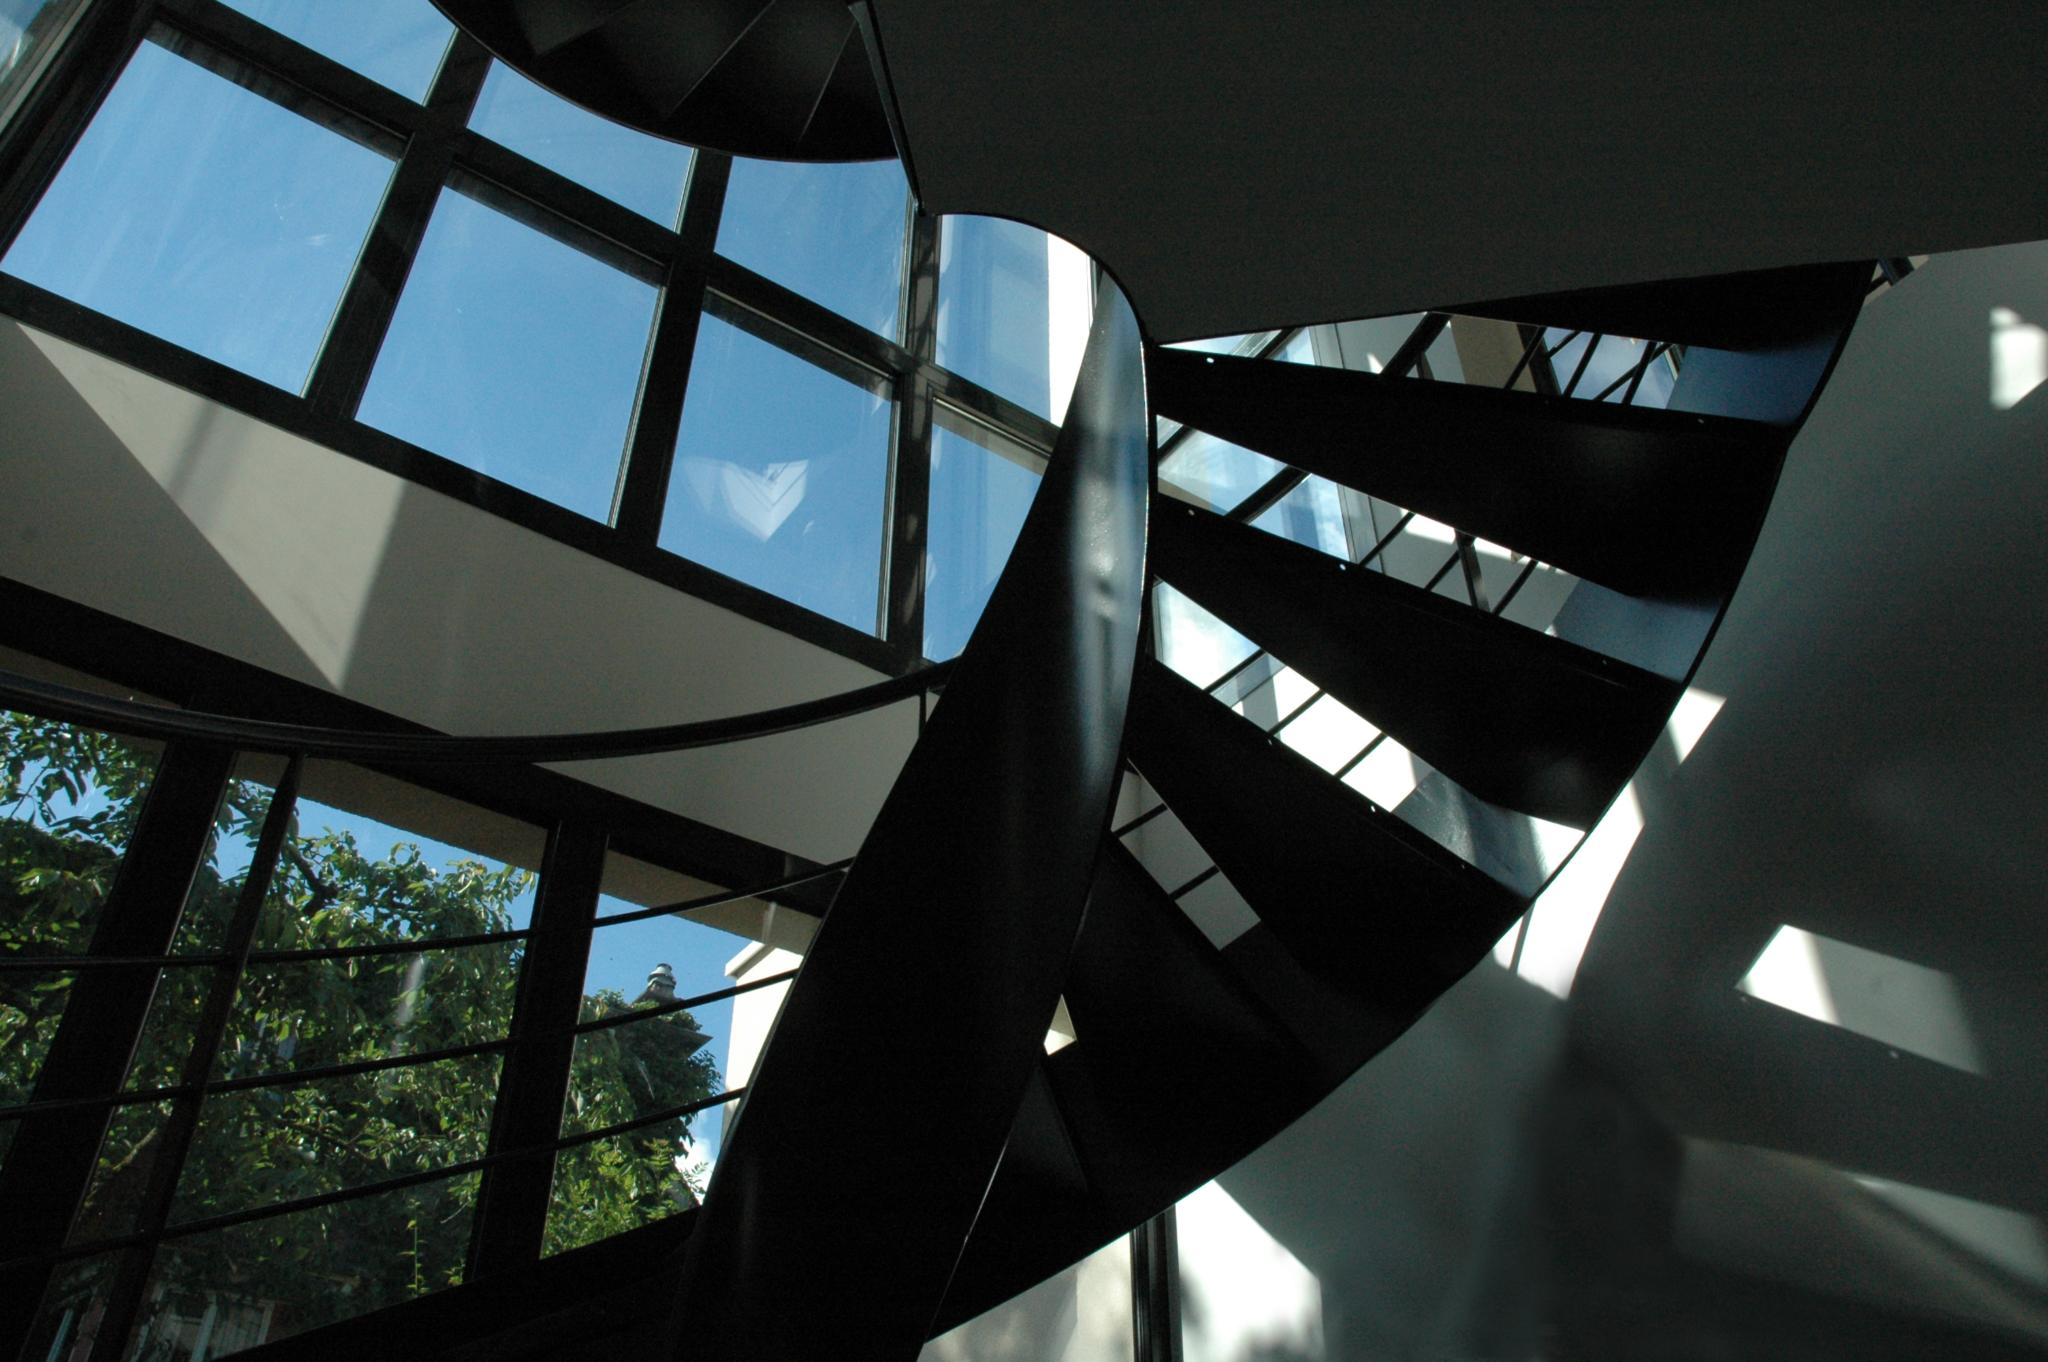 Photo vue d'en dessous d'un escalier en colimaçons avec vue sur l'extérieur avec le ciel dégagé